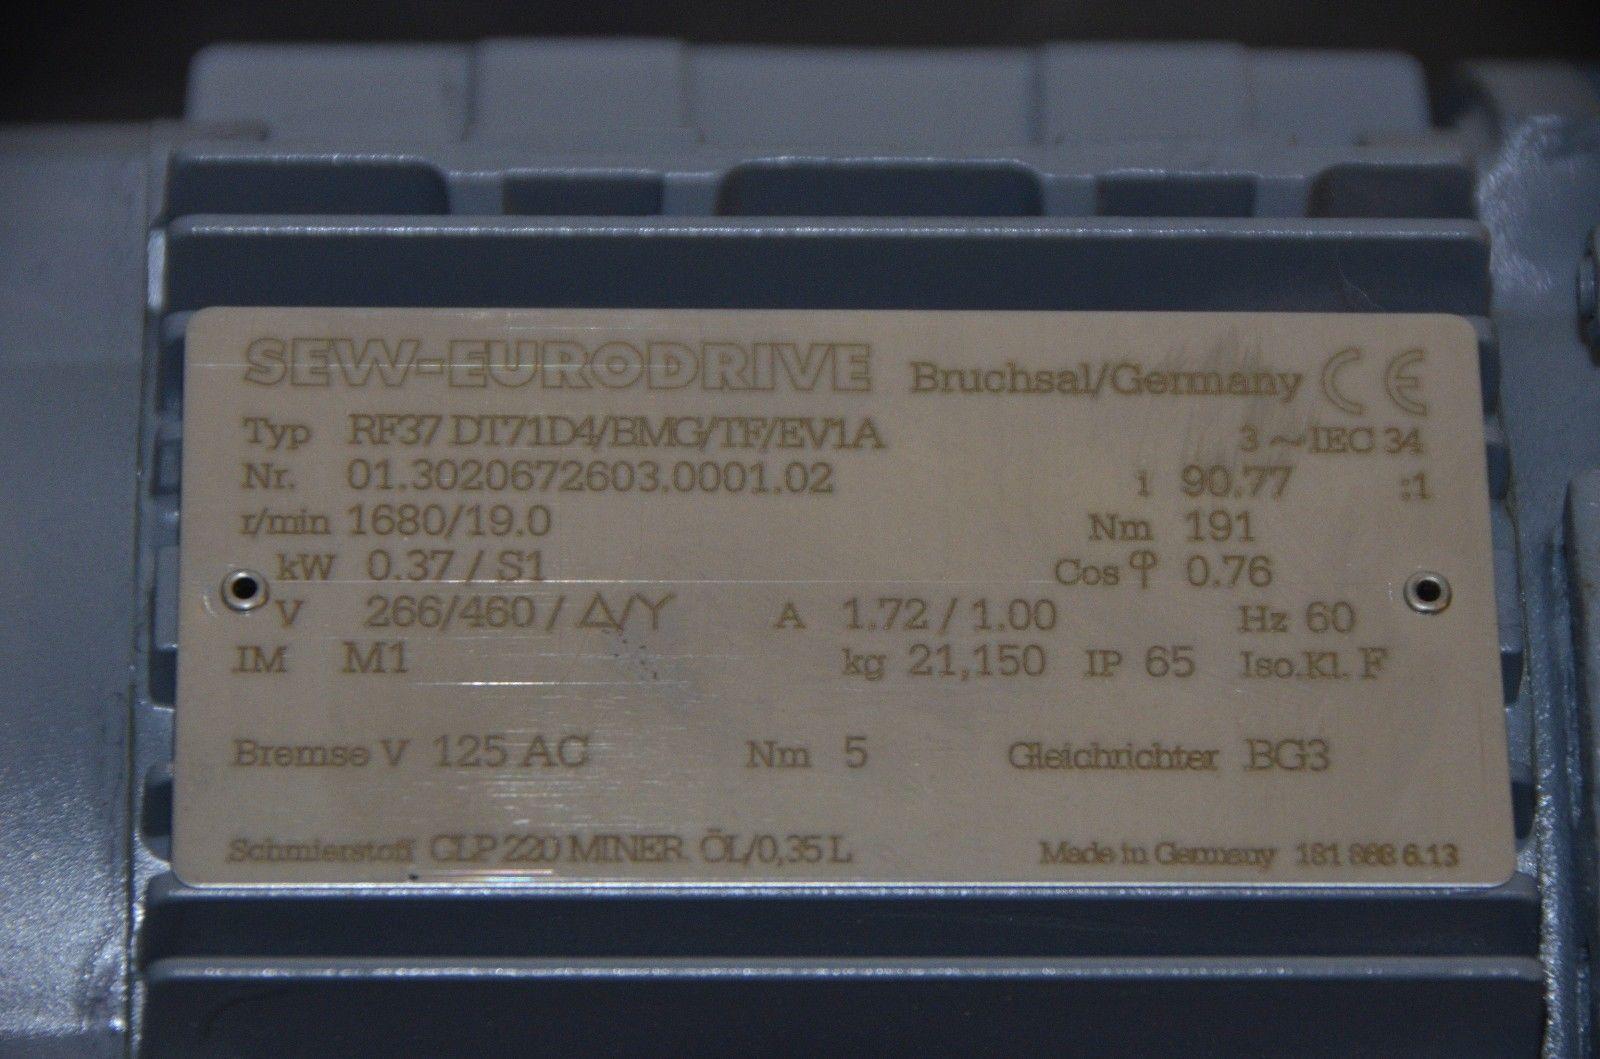 Sew Eurodrive Rf37 D171d4 Bmg Tf Ev1a Gear And Similar Items